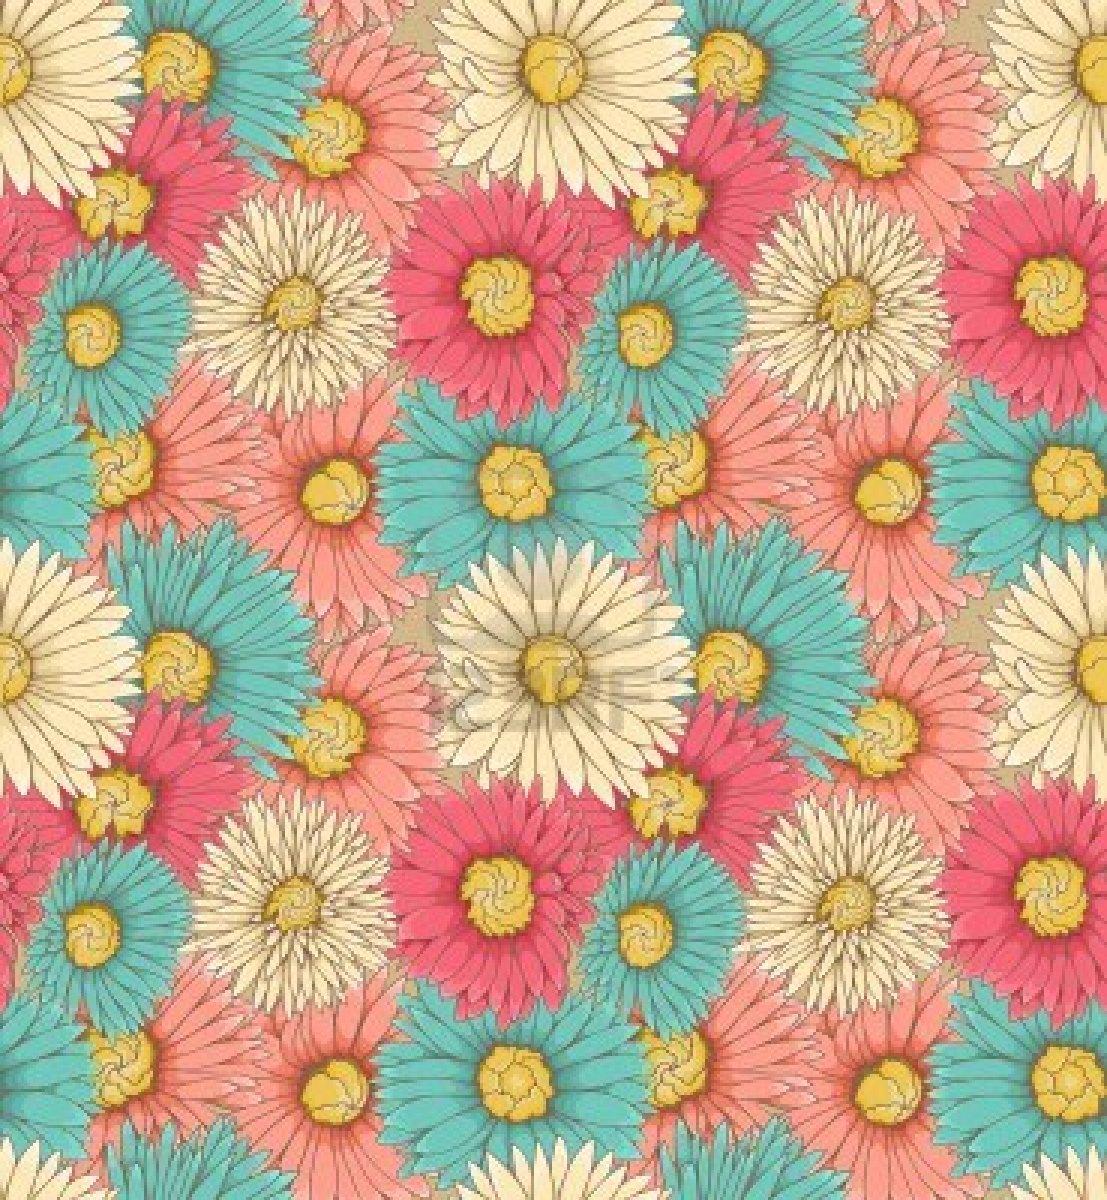 Flower background with quotes quotesgram for Fiori disegnati